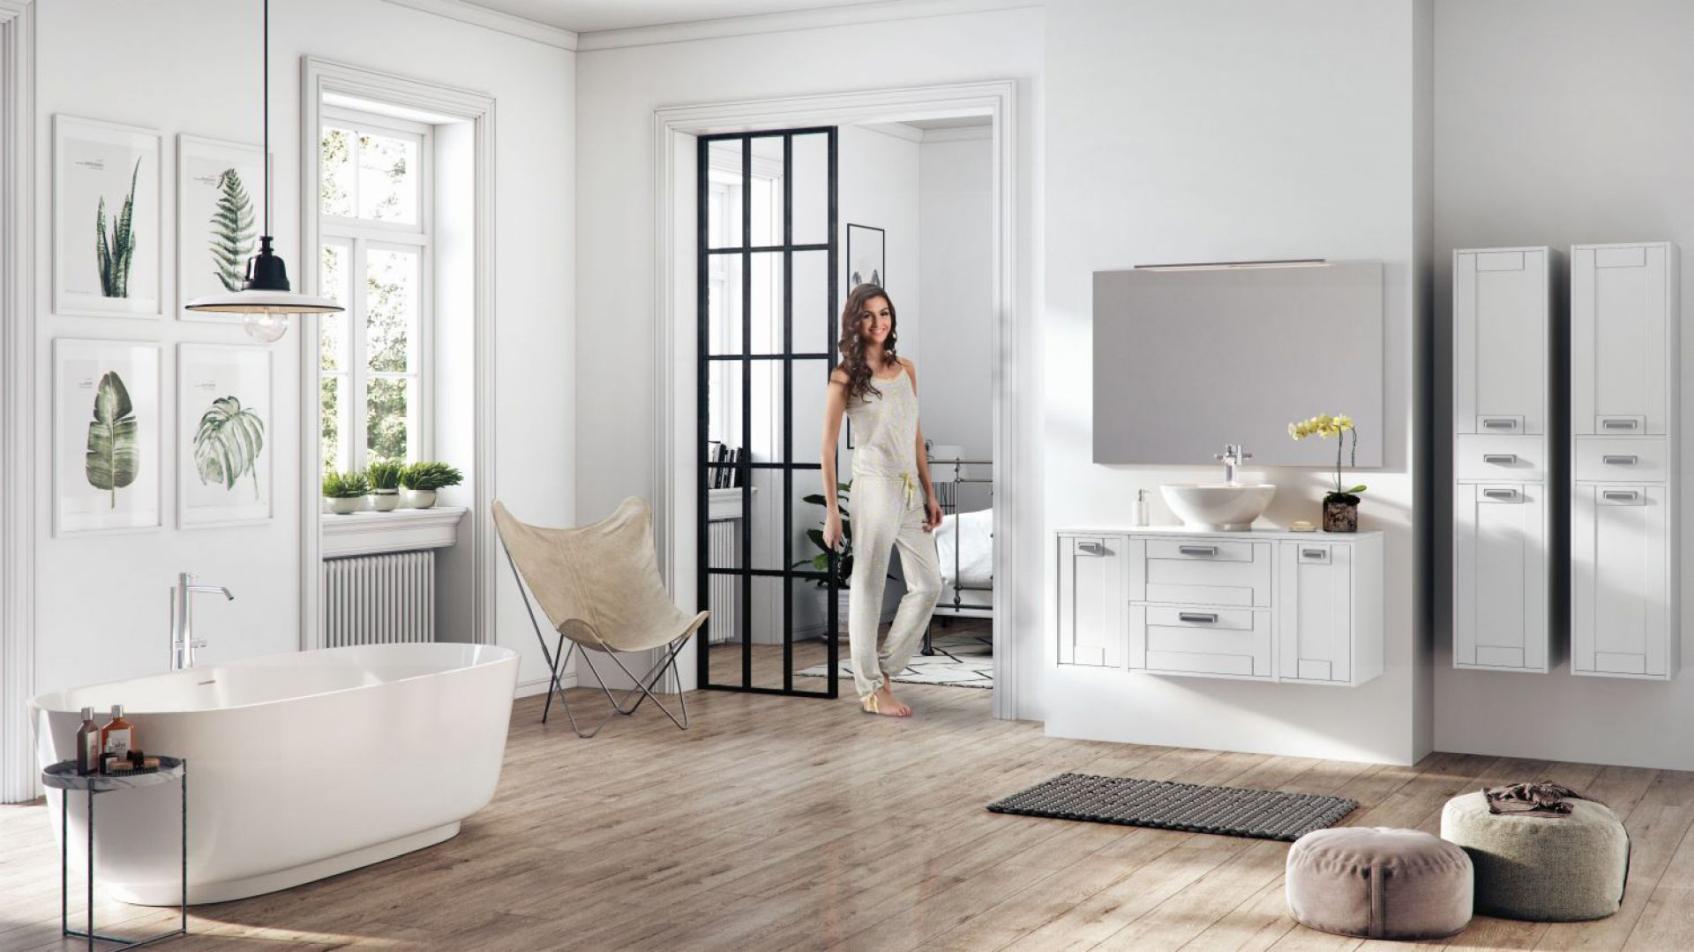 łazienka W Stylu Skandynawskim Jak Urządzić Piękne Wnętrze